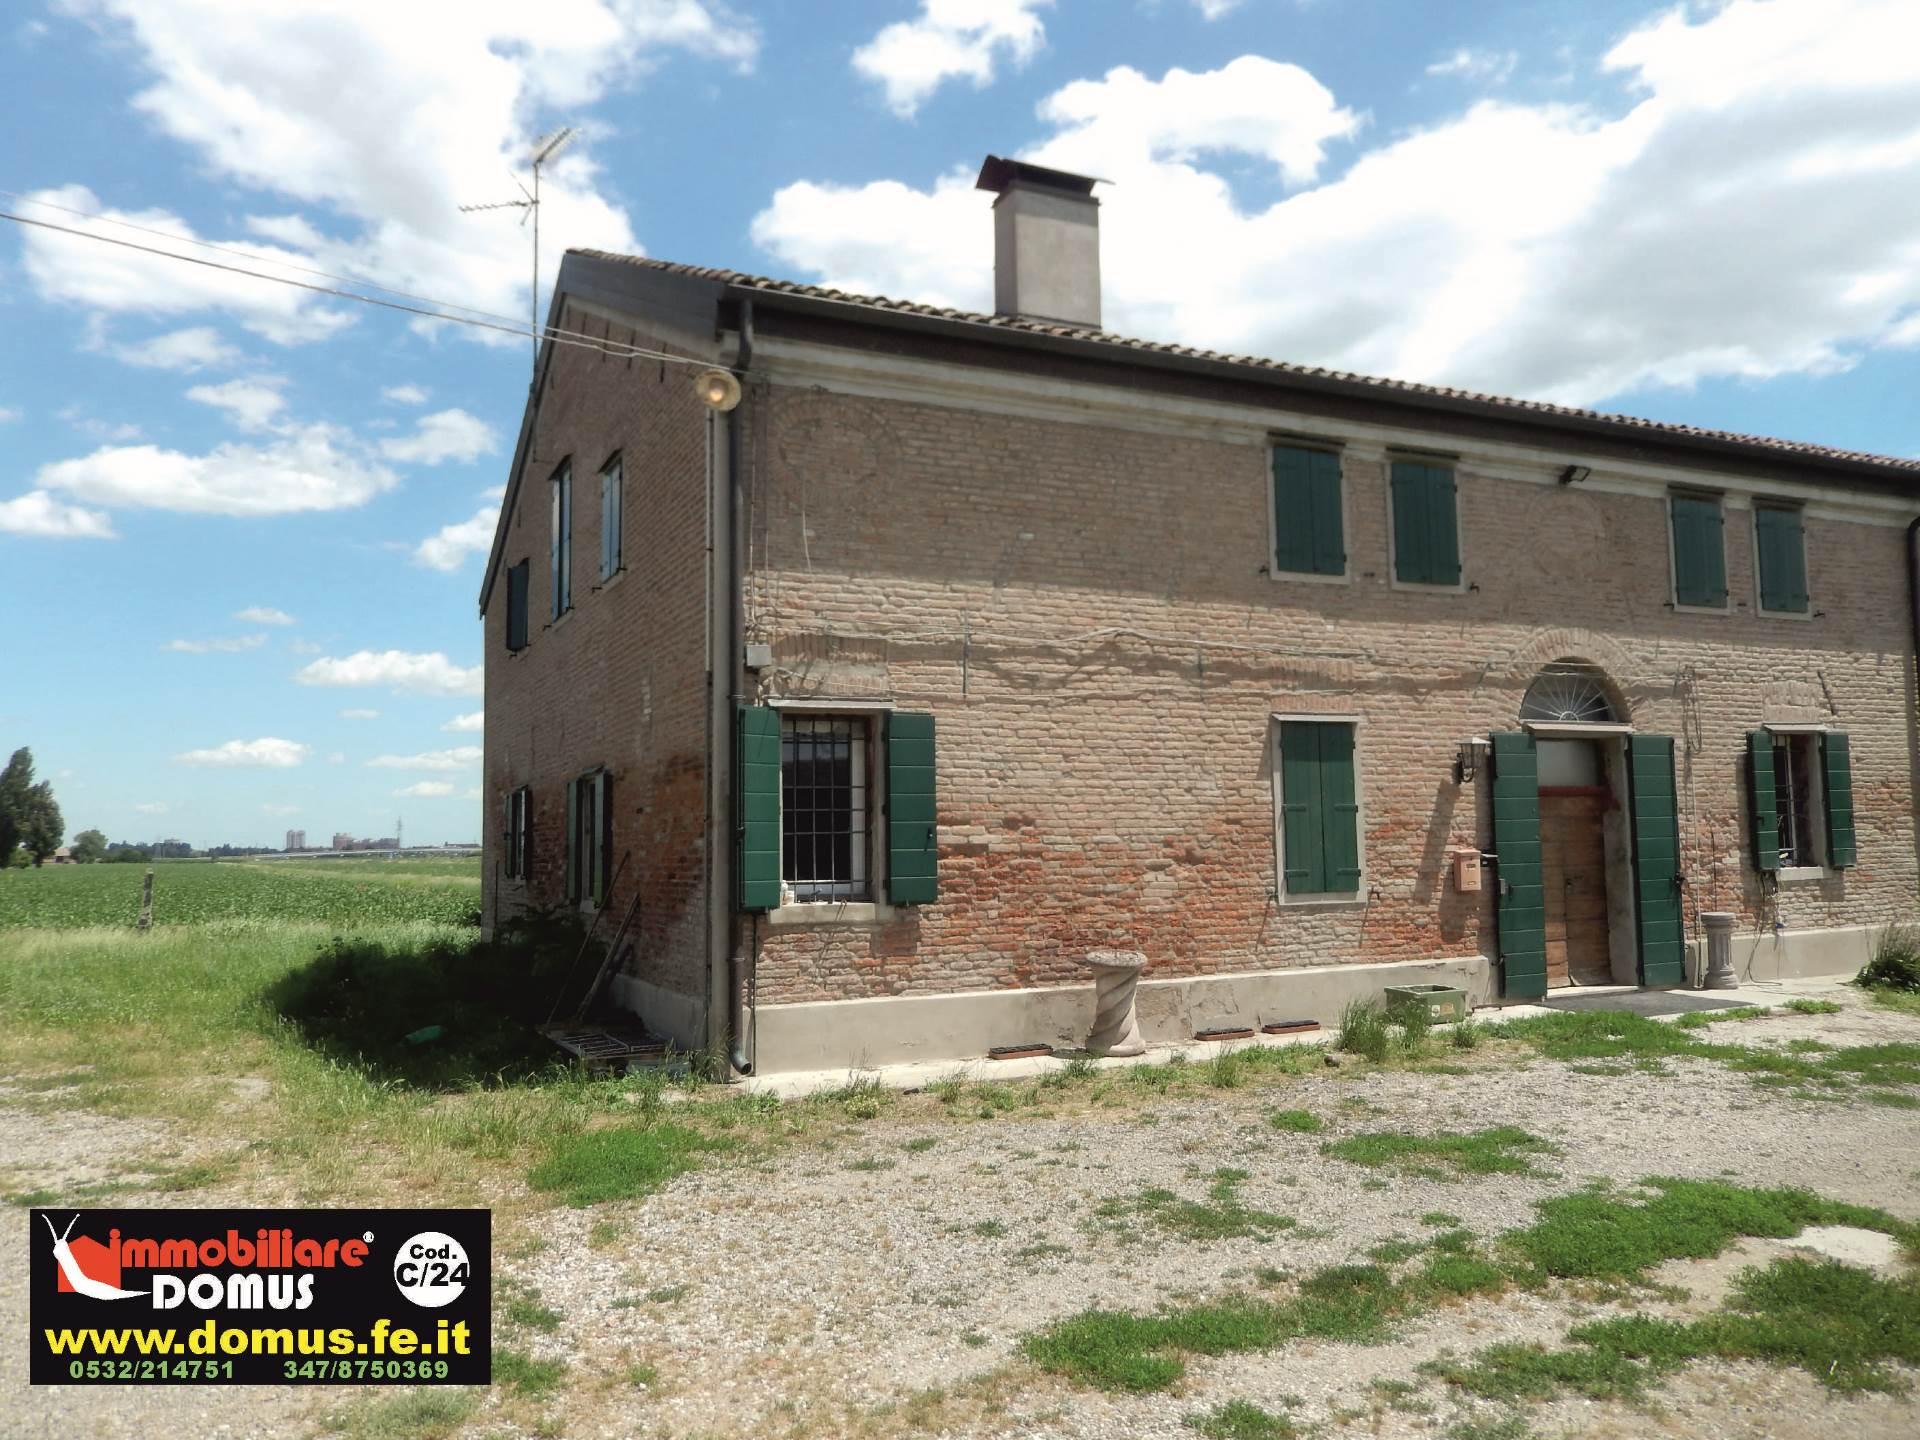 Rustico / Casale in vendita a Ferrara, 8 locali, prezzo € 148.000 | Cambio Casa.it